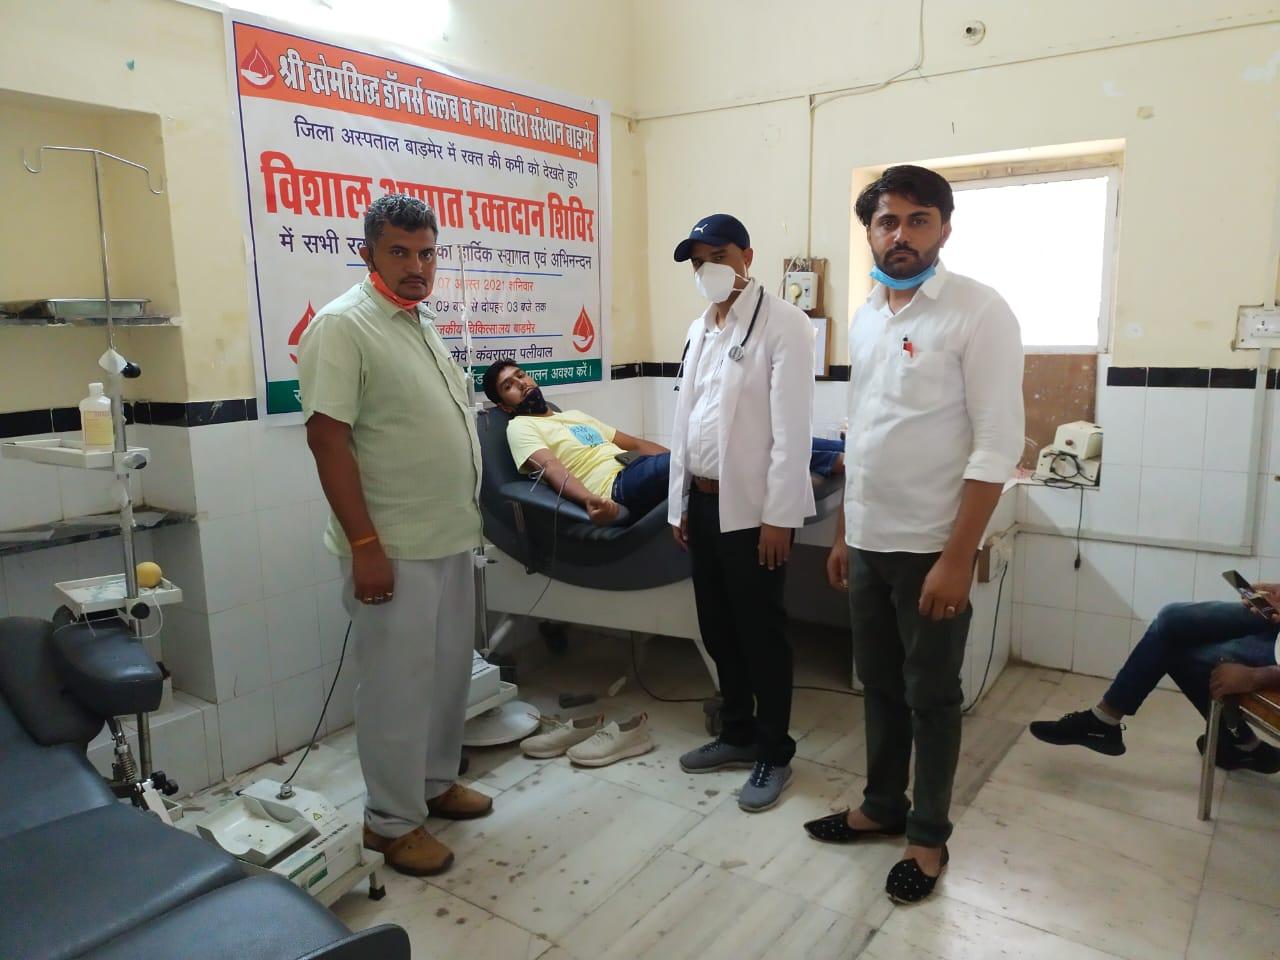 बाड़मेर जिला अस्पताल में ब्लड बैंक स्टॉक खत्म होने पर युवाओं ने 51 यूनिट रक्तदान किया|बाड़मेर,Barmer - Dainik Bhaskar